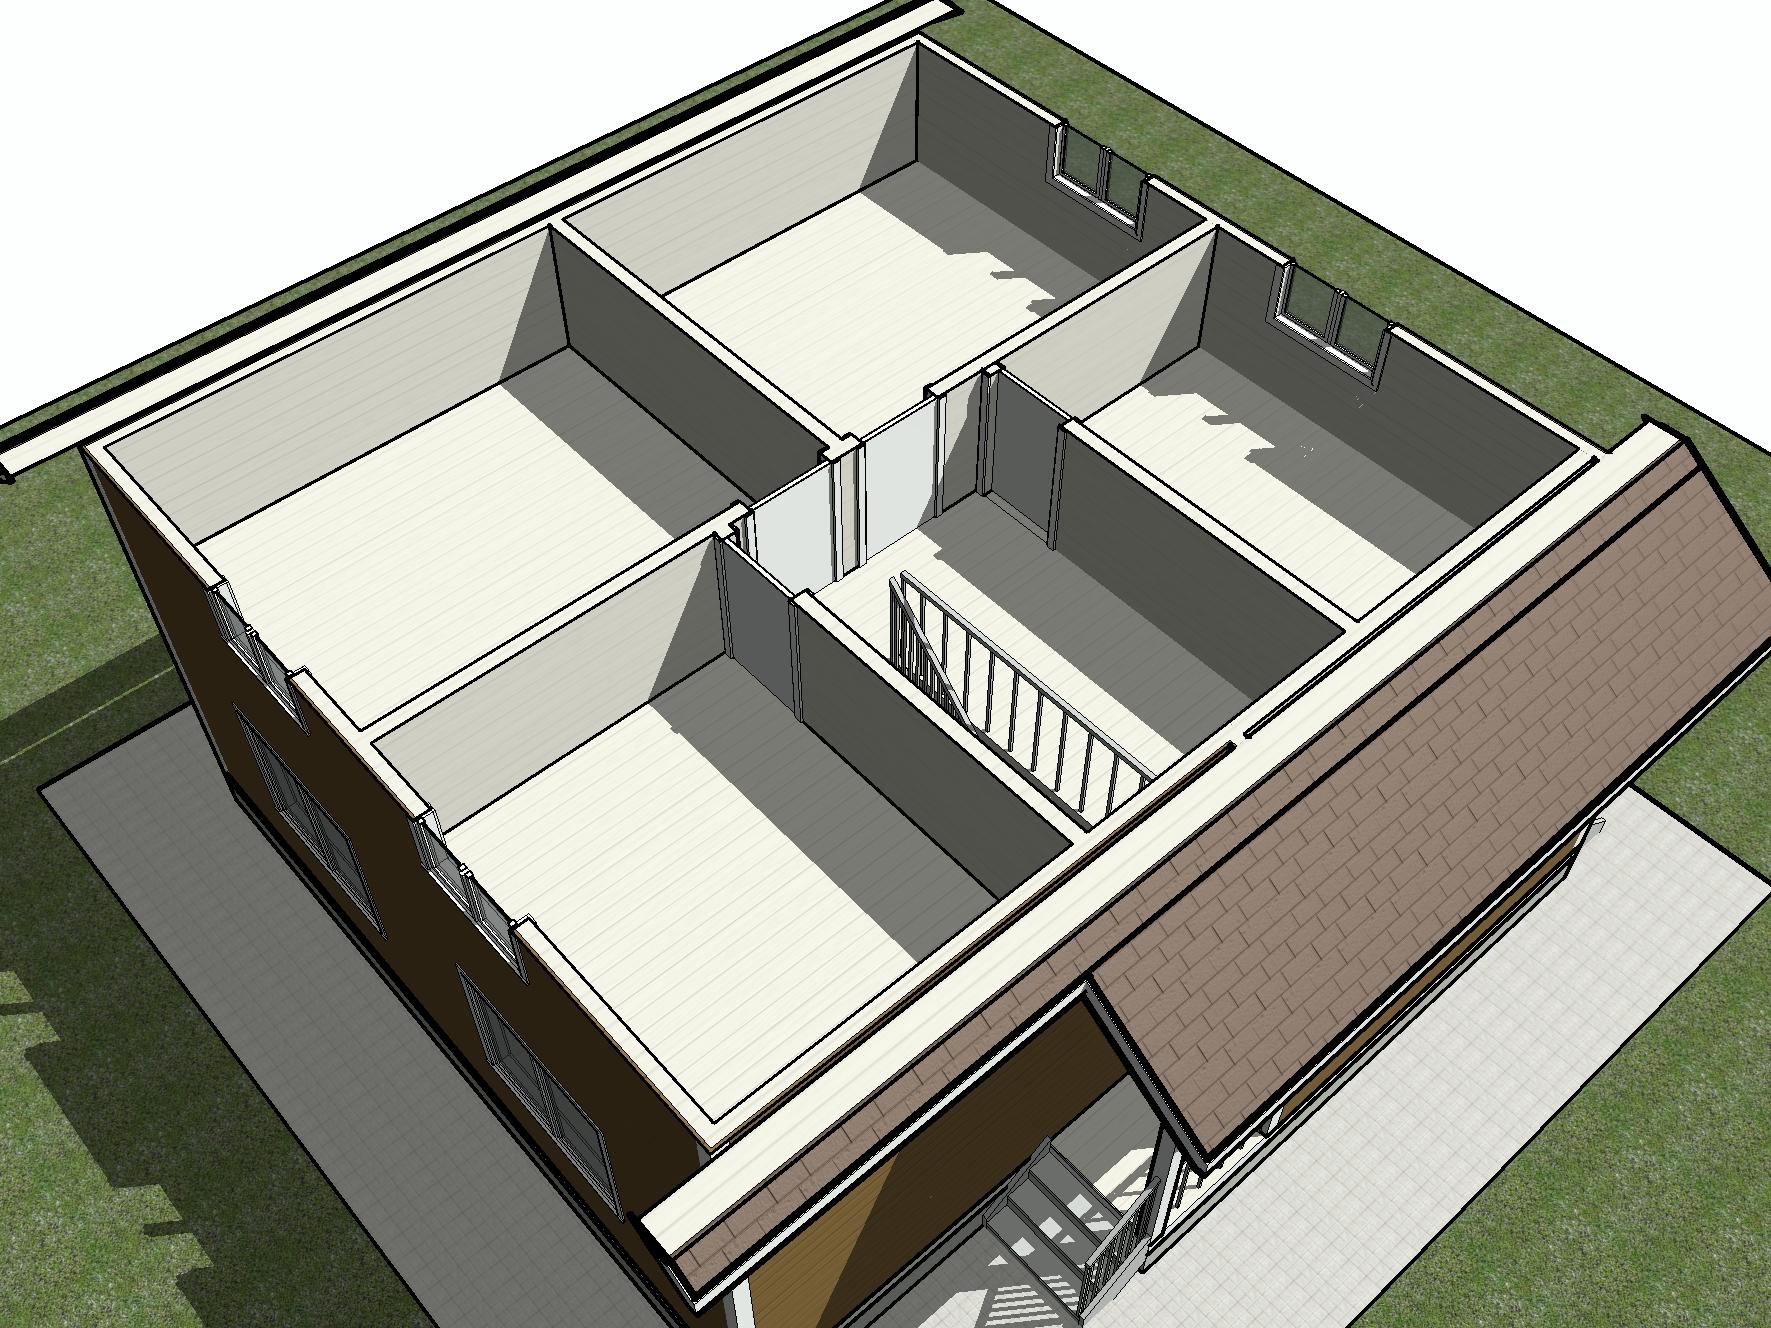 КД-19 - Общий вид 2-го этажа